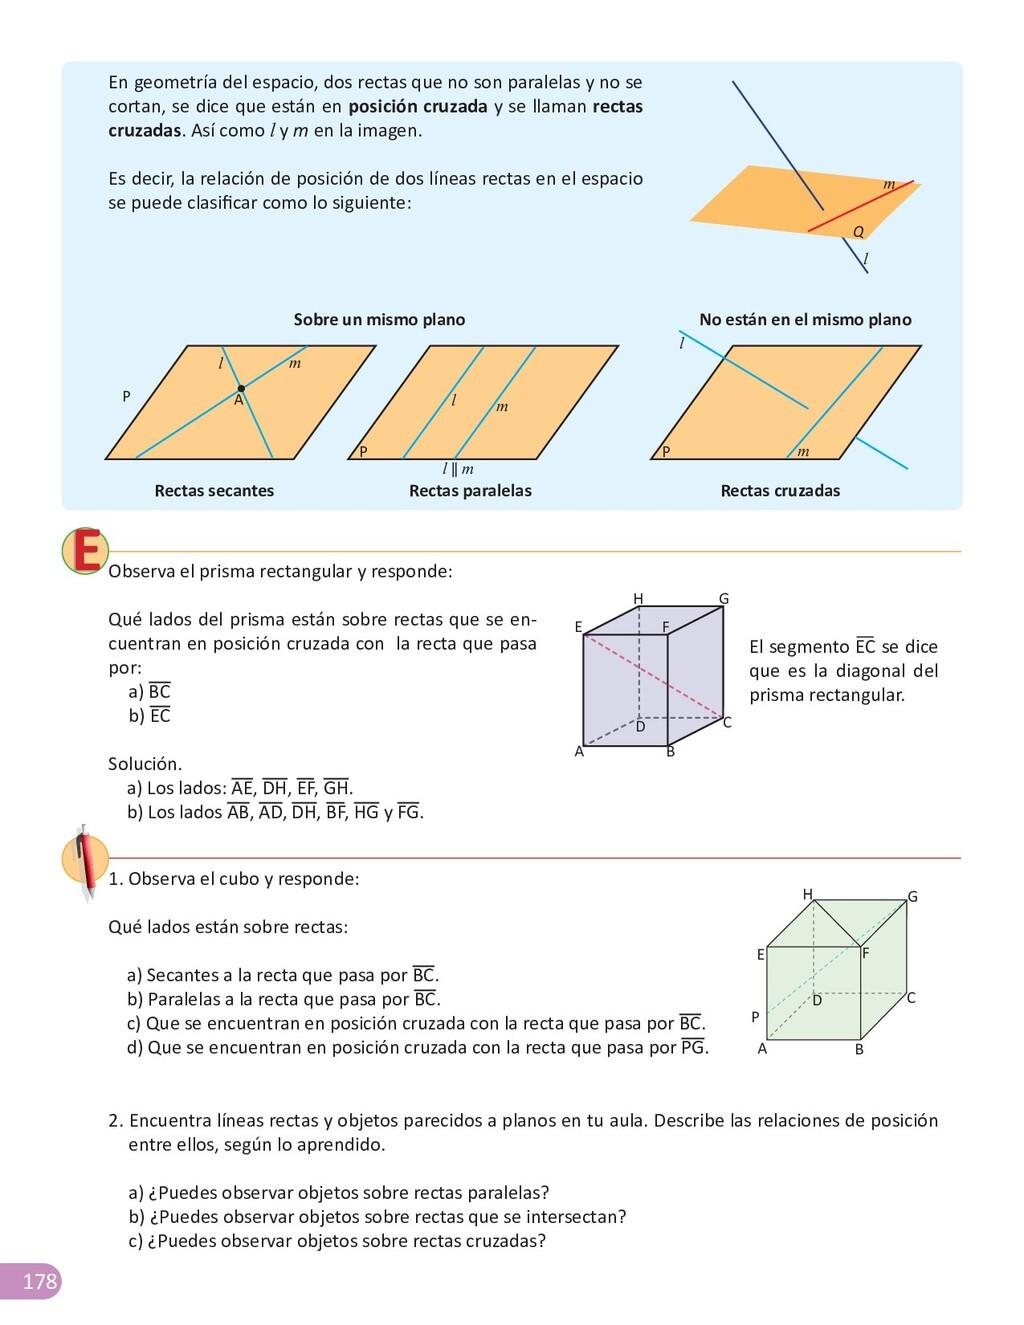 178 Observa el prisma rectangular y responde: Q...